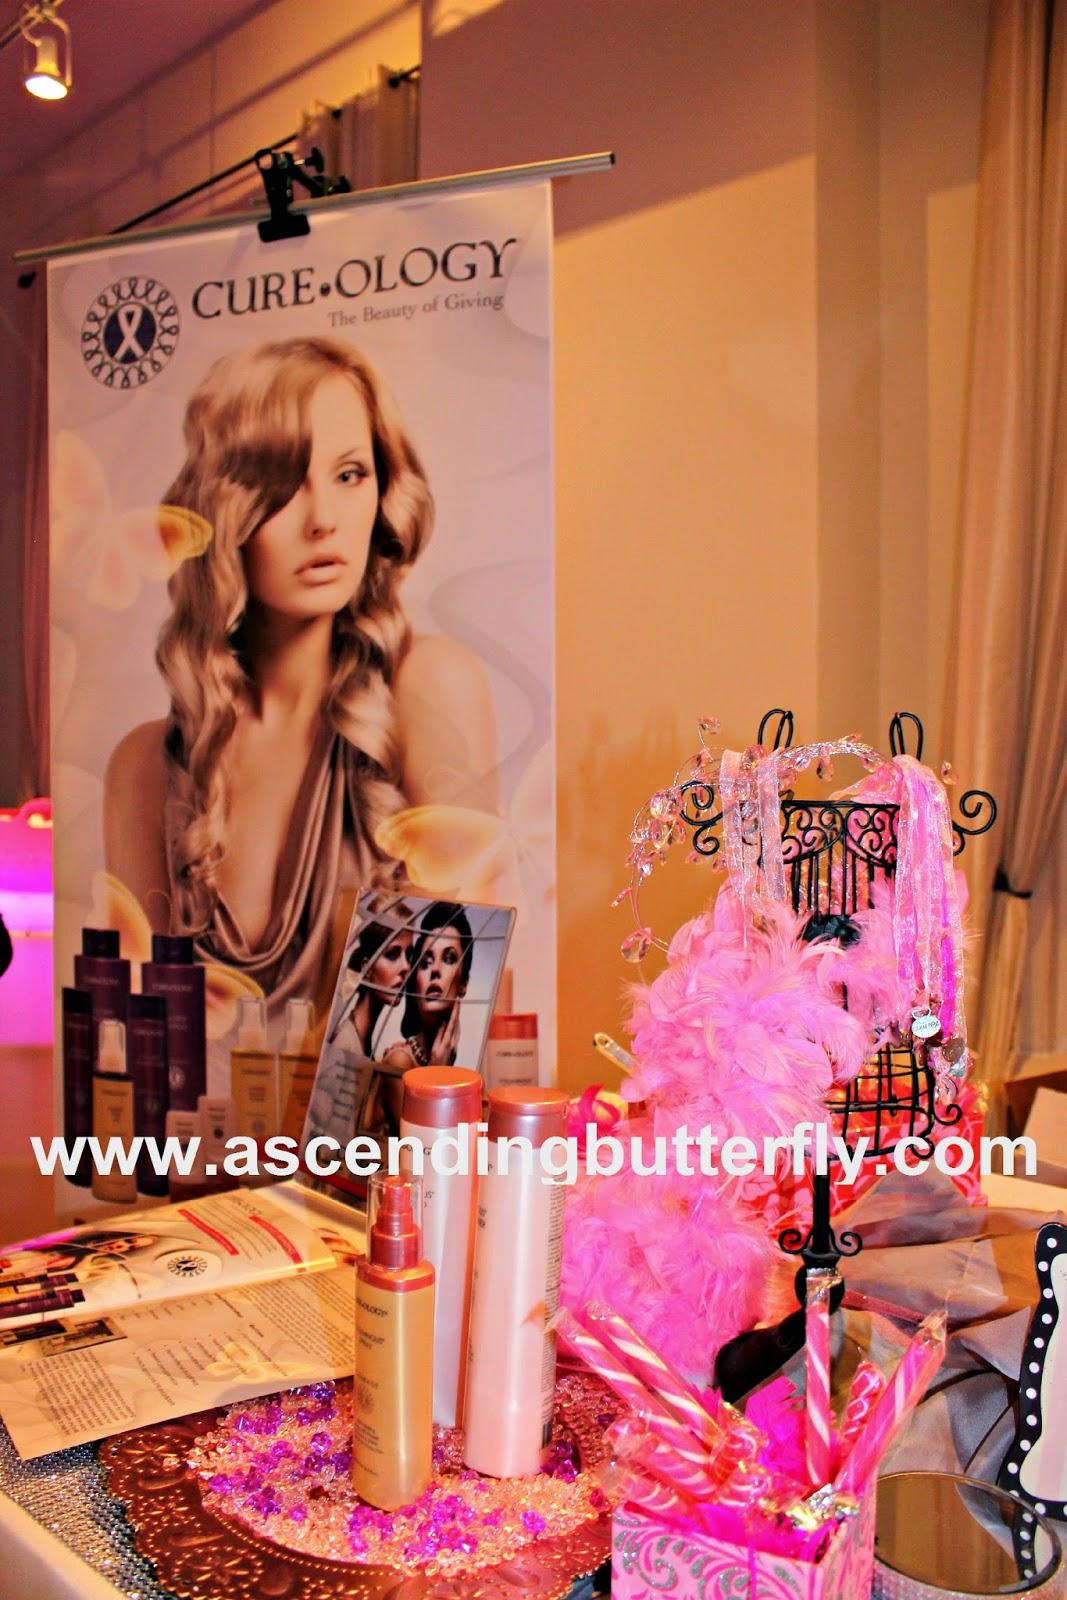 cureology beauty